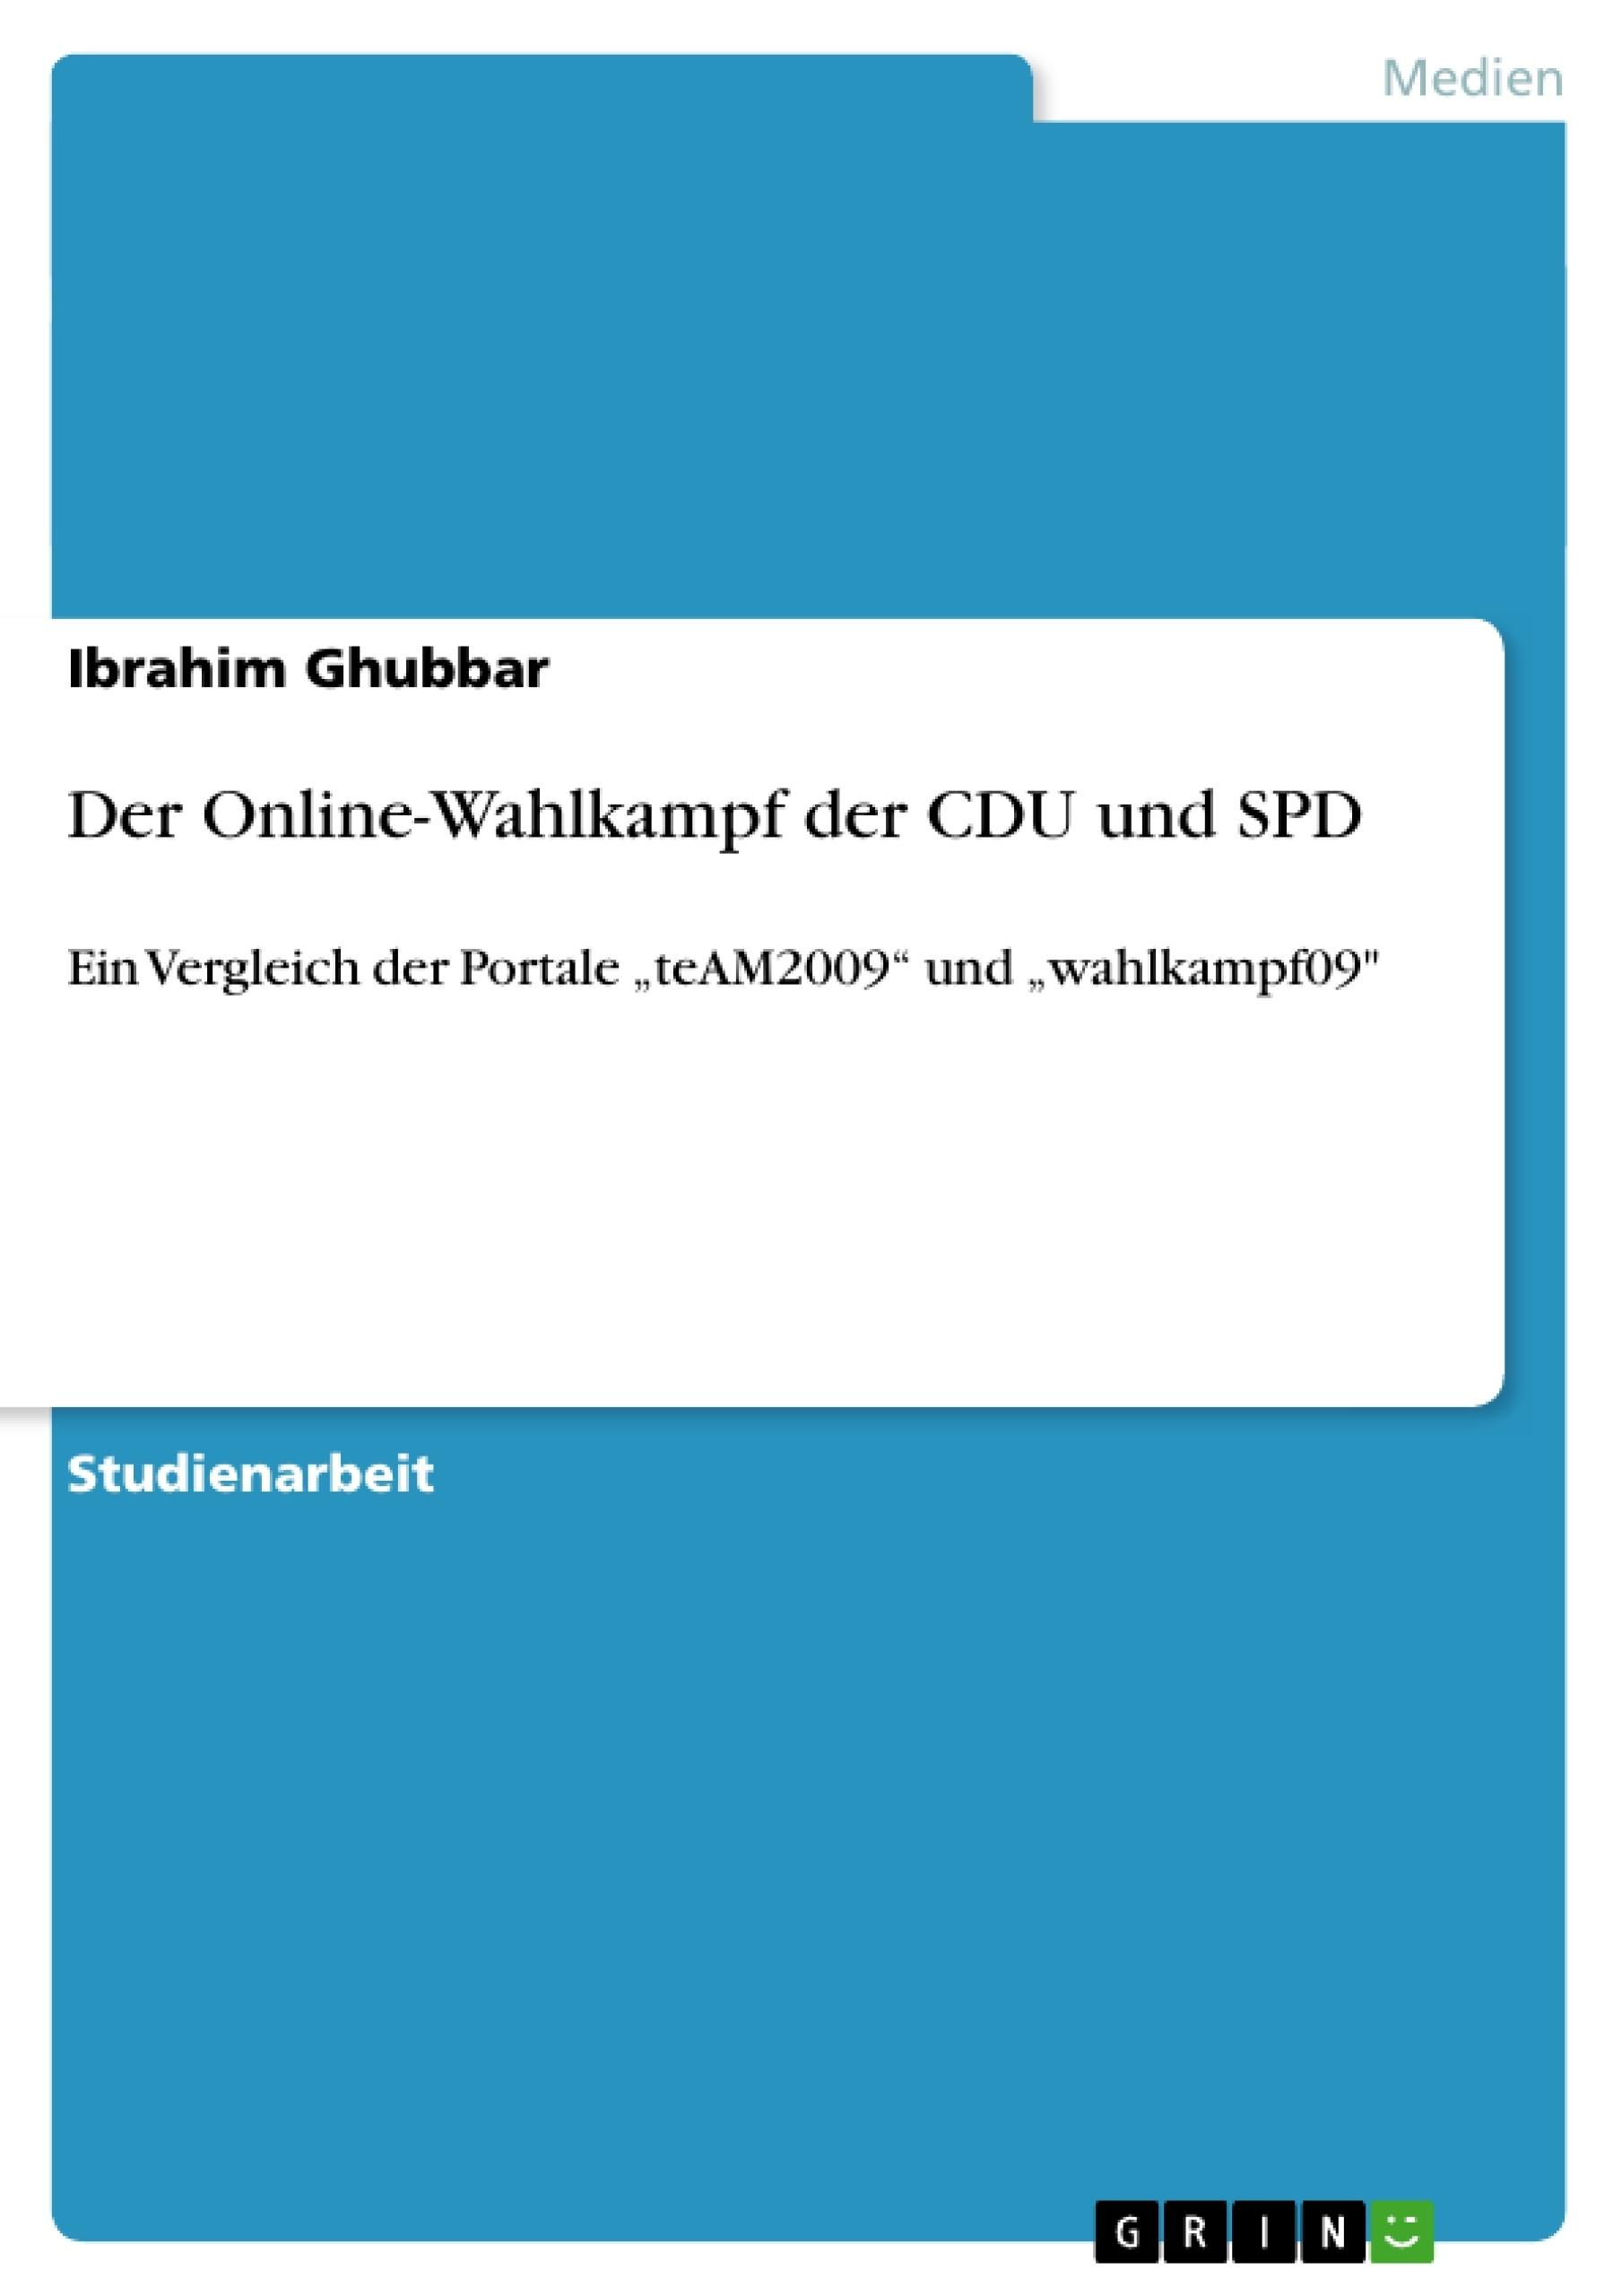 Titel: Der Online-Wahlkampf der CDU und SPD